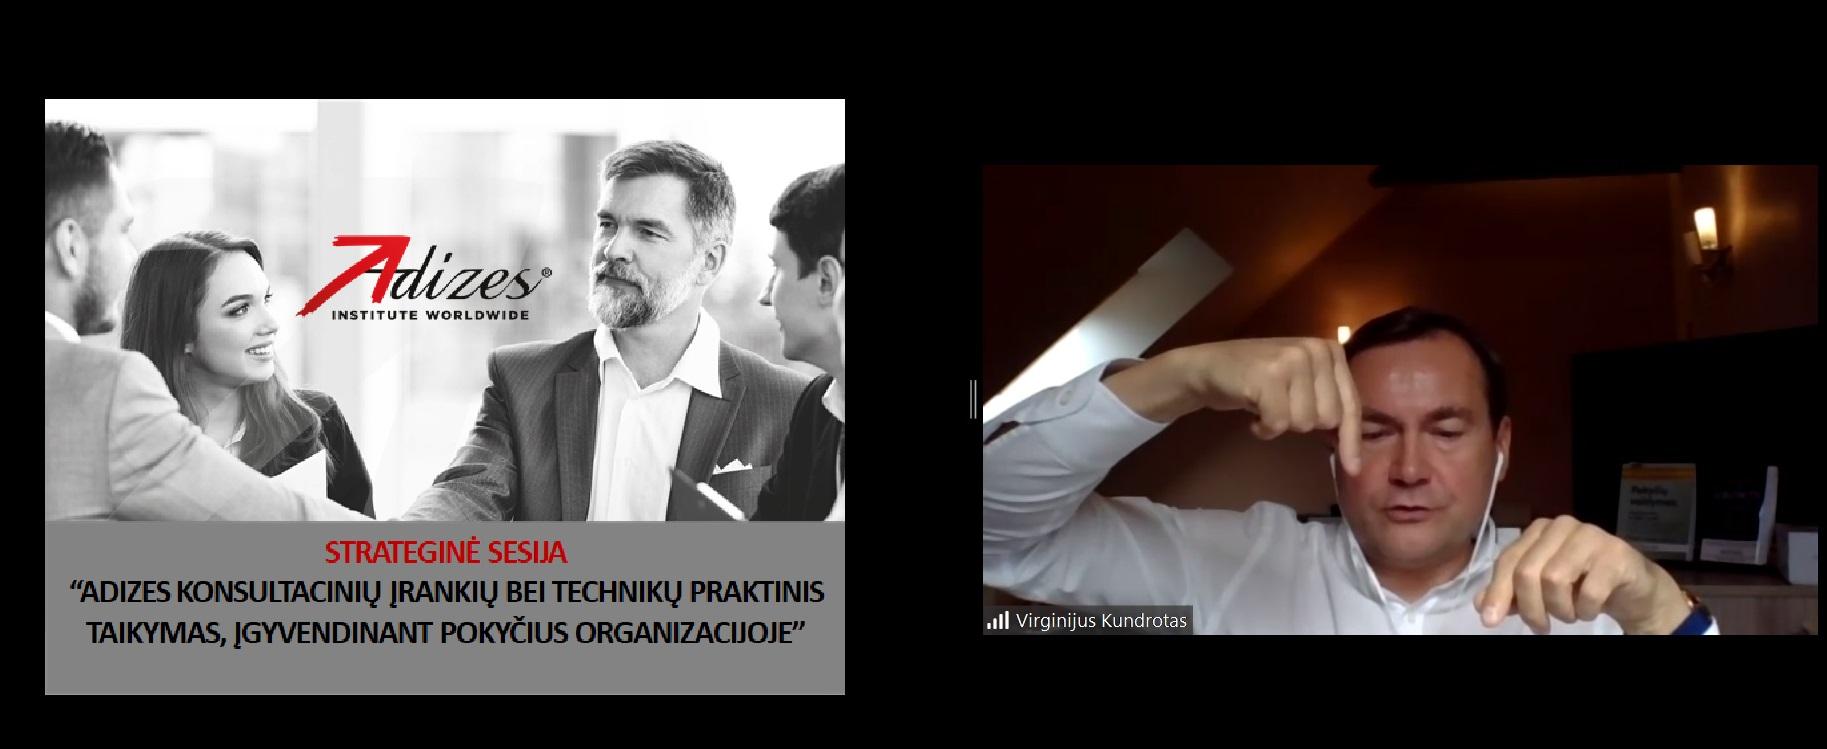 """Adizes Metodologijos Praktiškoji Pusė – įrankiai Ir Priemonės, Sukuriantys Organizacijos """"imunitetą"""" Bet Kokiems Netikėtumams"""